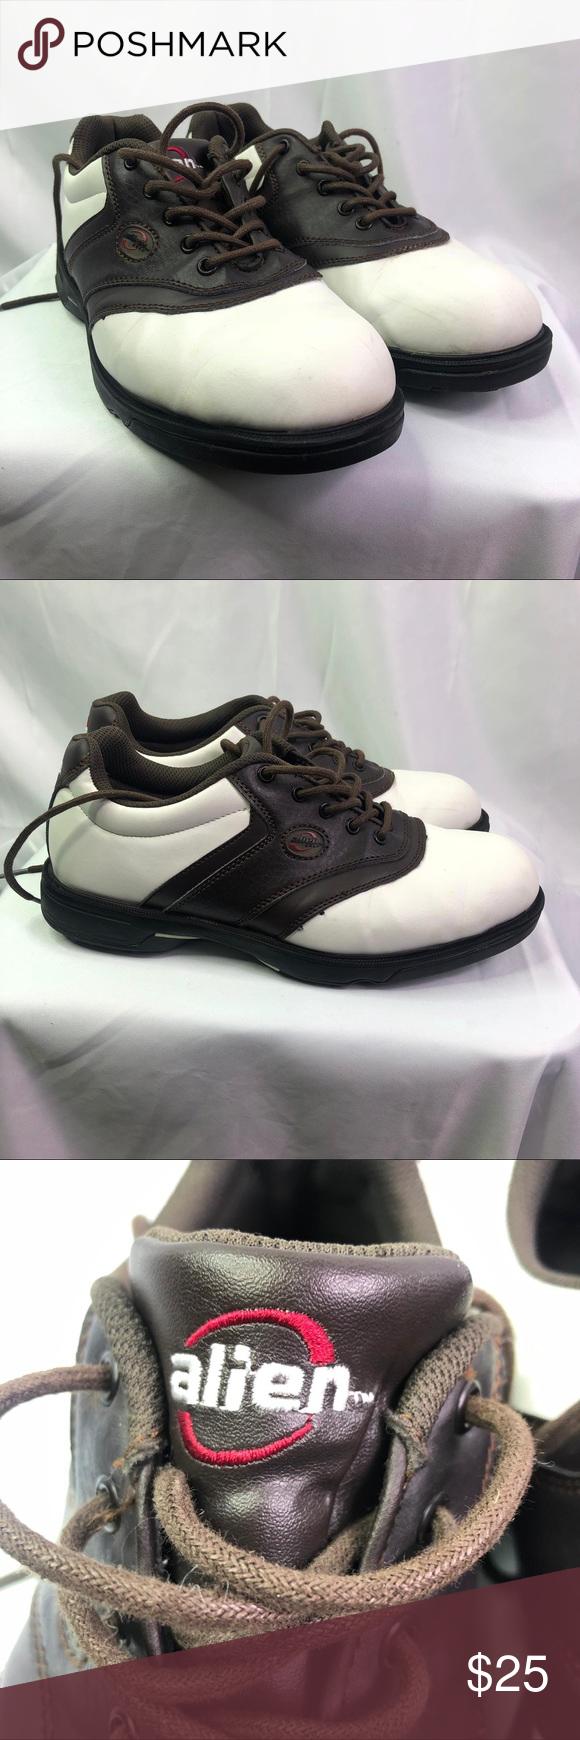 20+ Alien golf shoes ideas